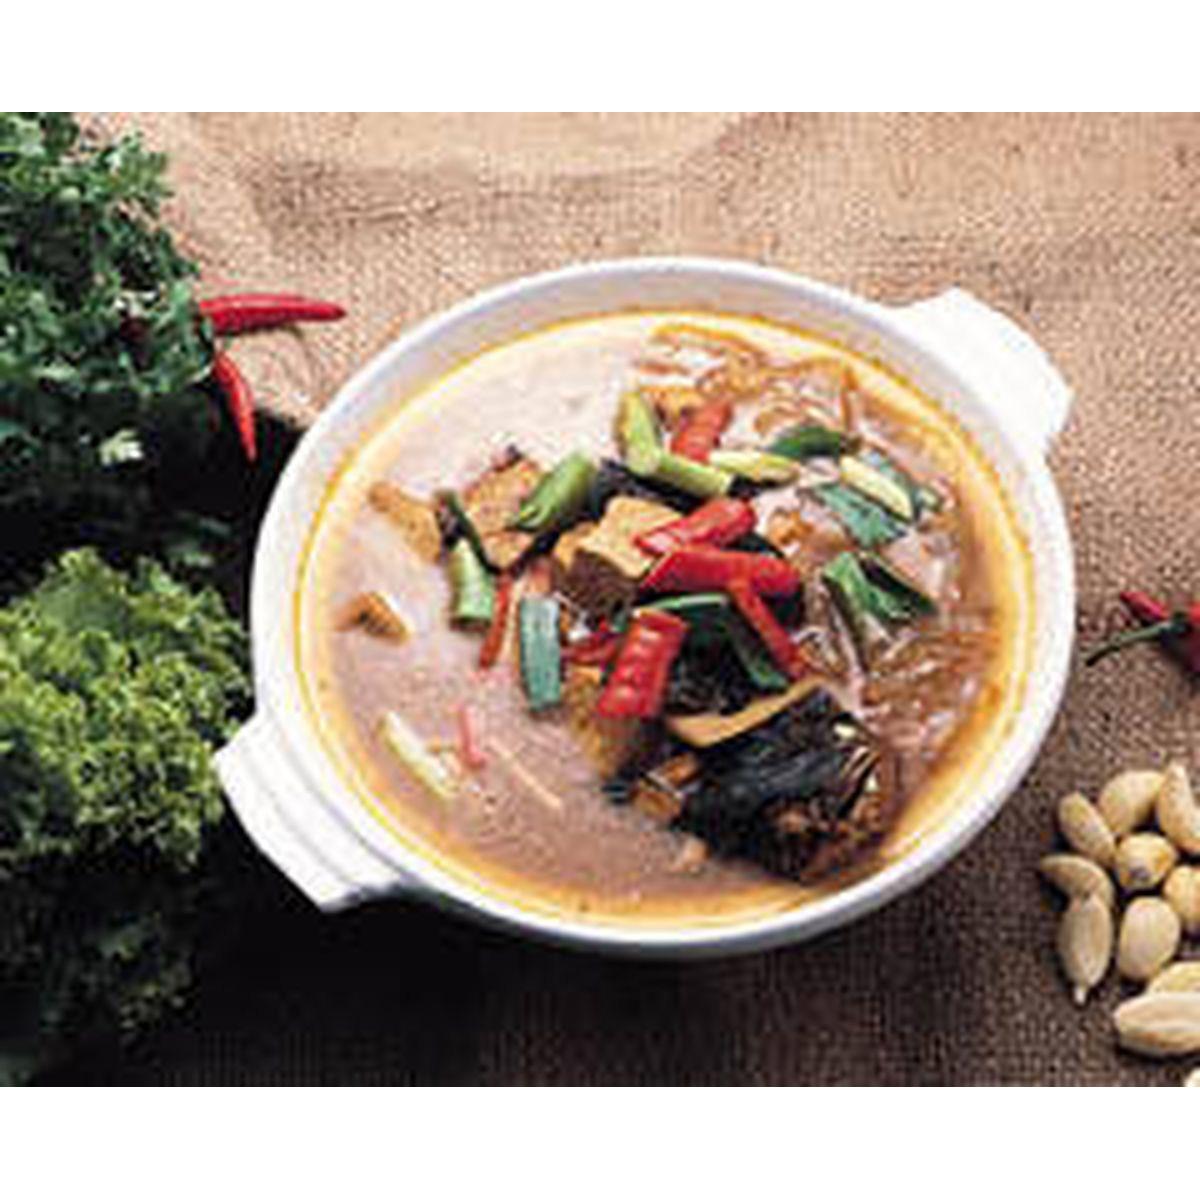 食譜:砂鍋魚頭